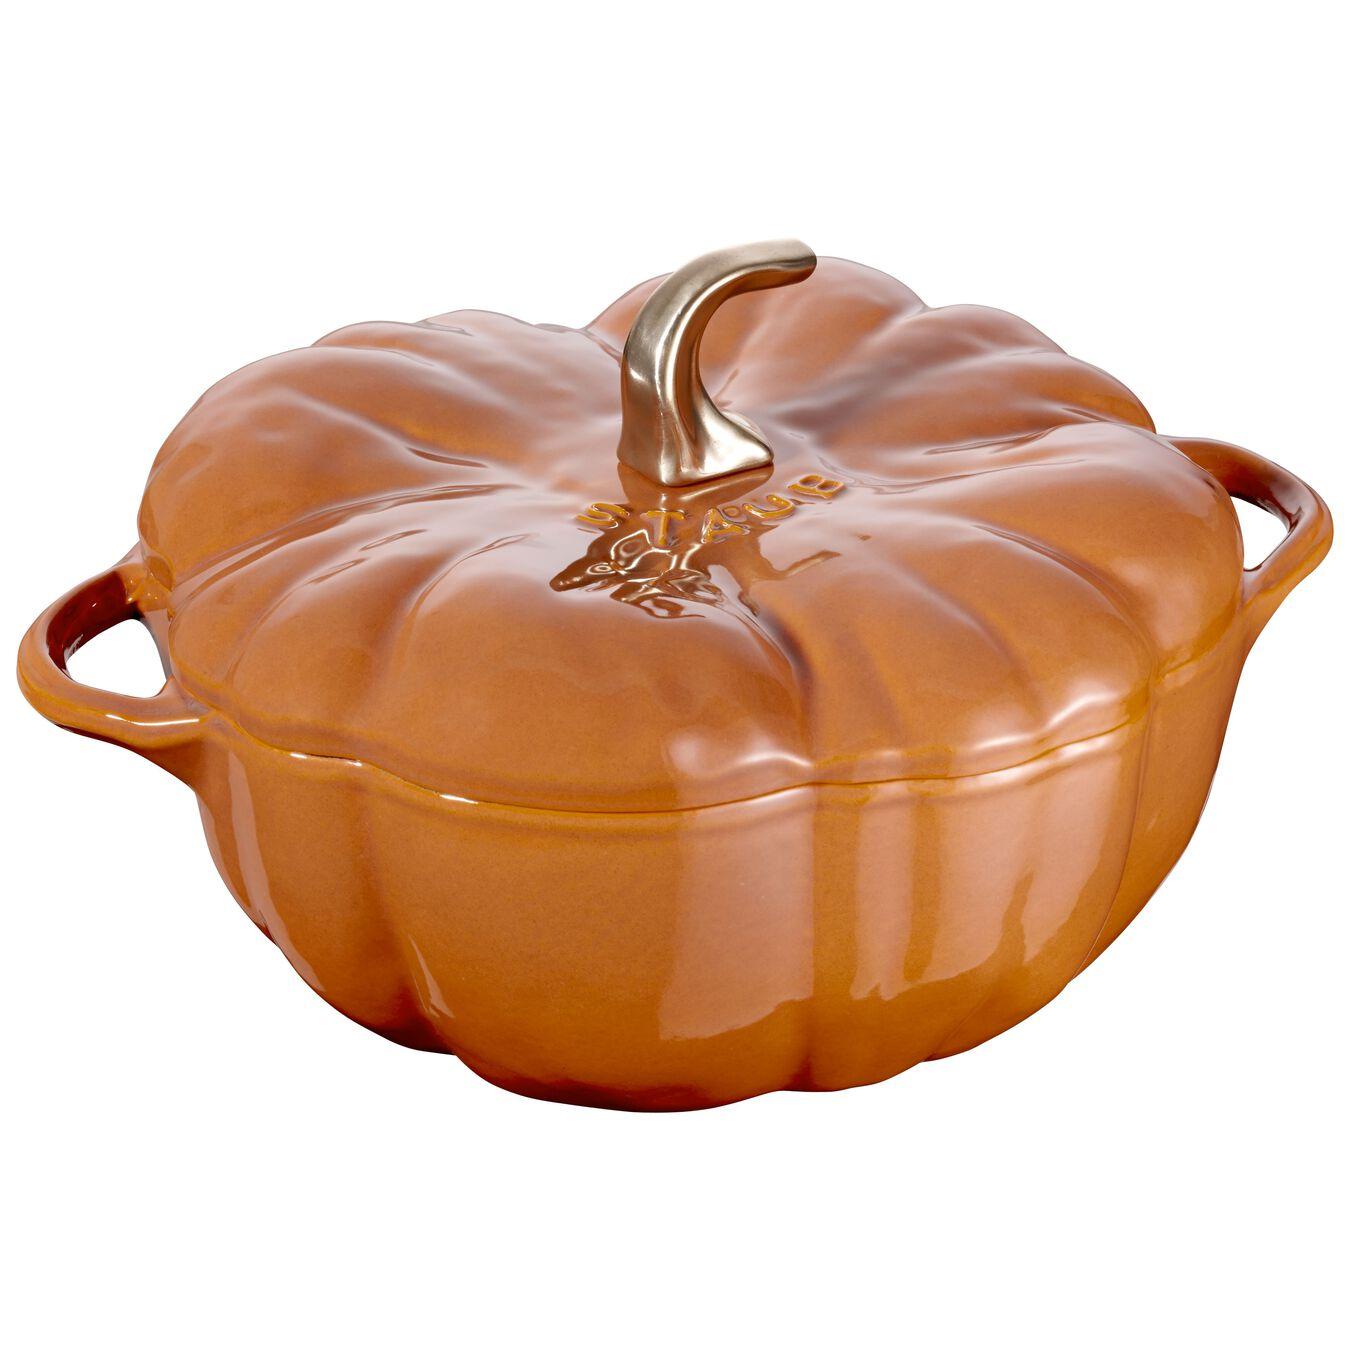 5-qt Pumpkin Cocotte - Burnt Orange,,large 1